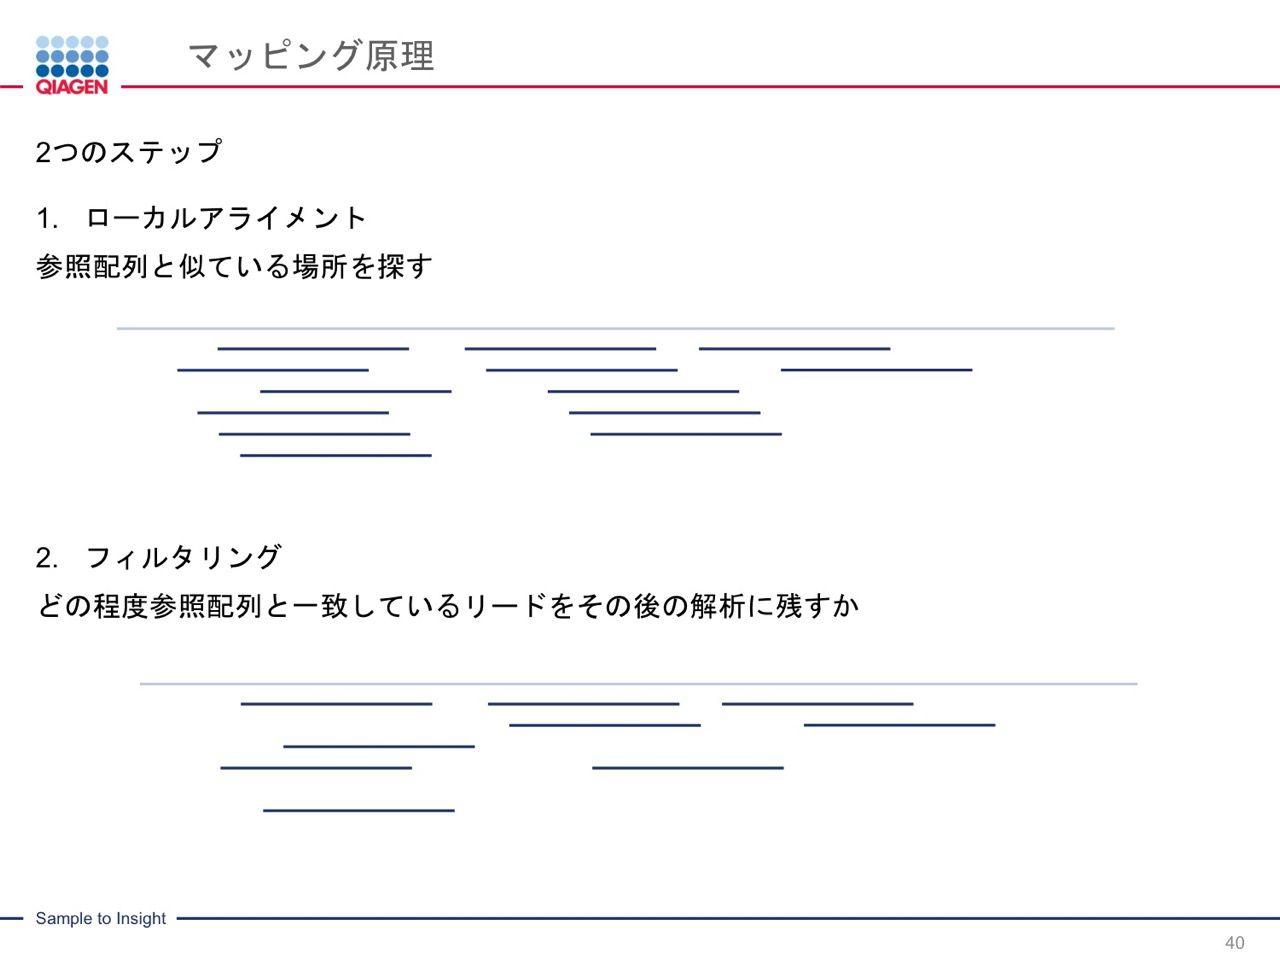 images/AJACSa2_miyamoto_040.jpg